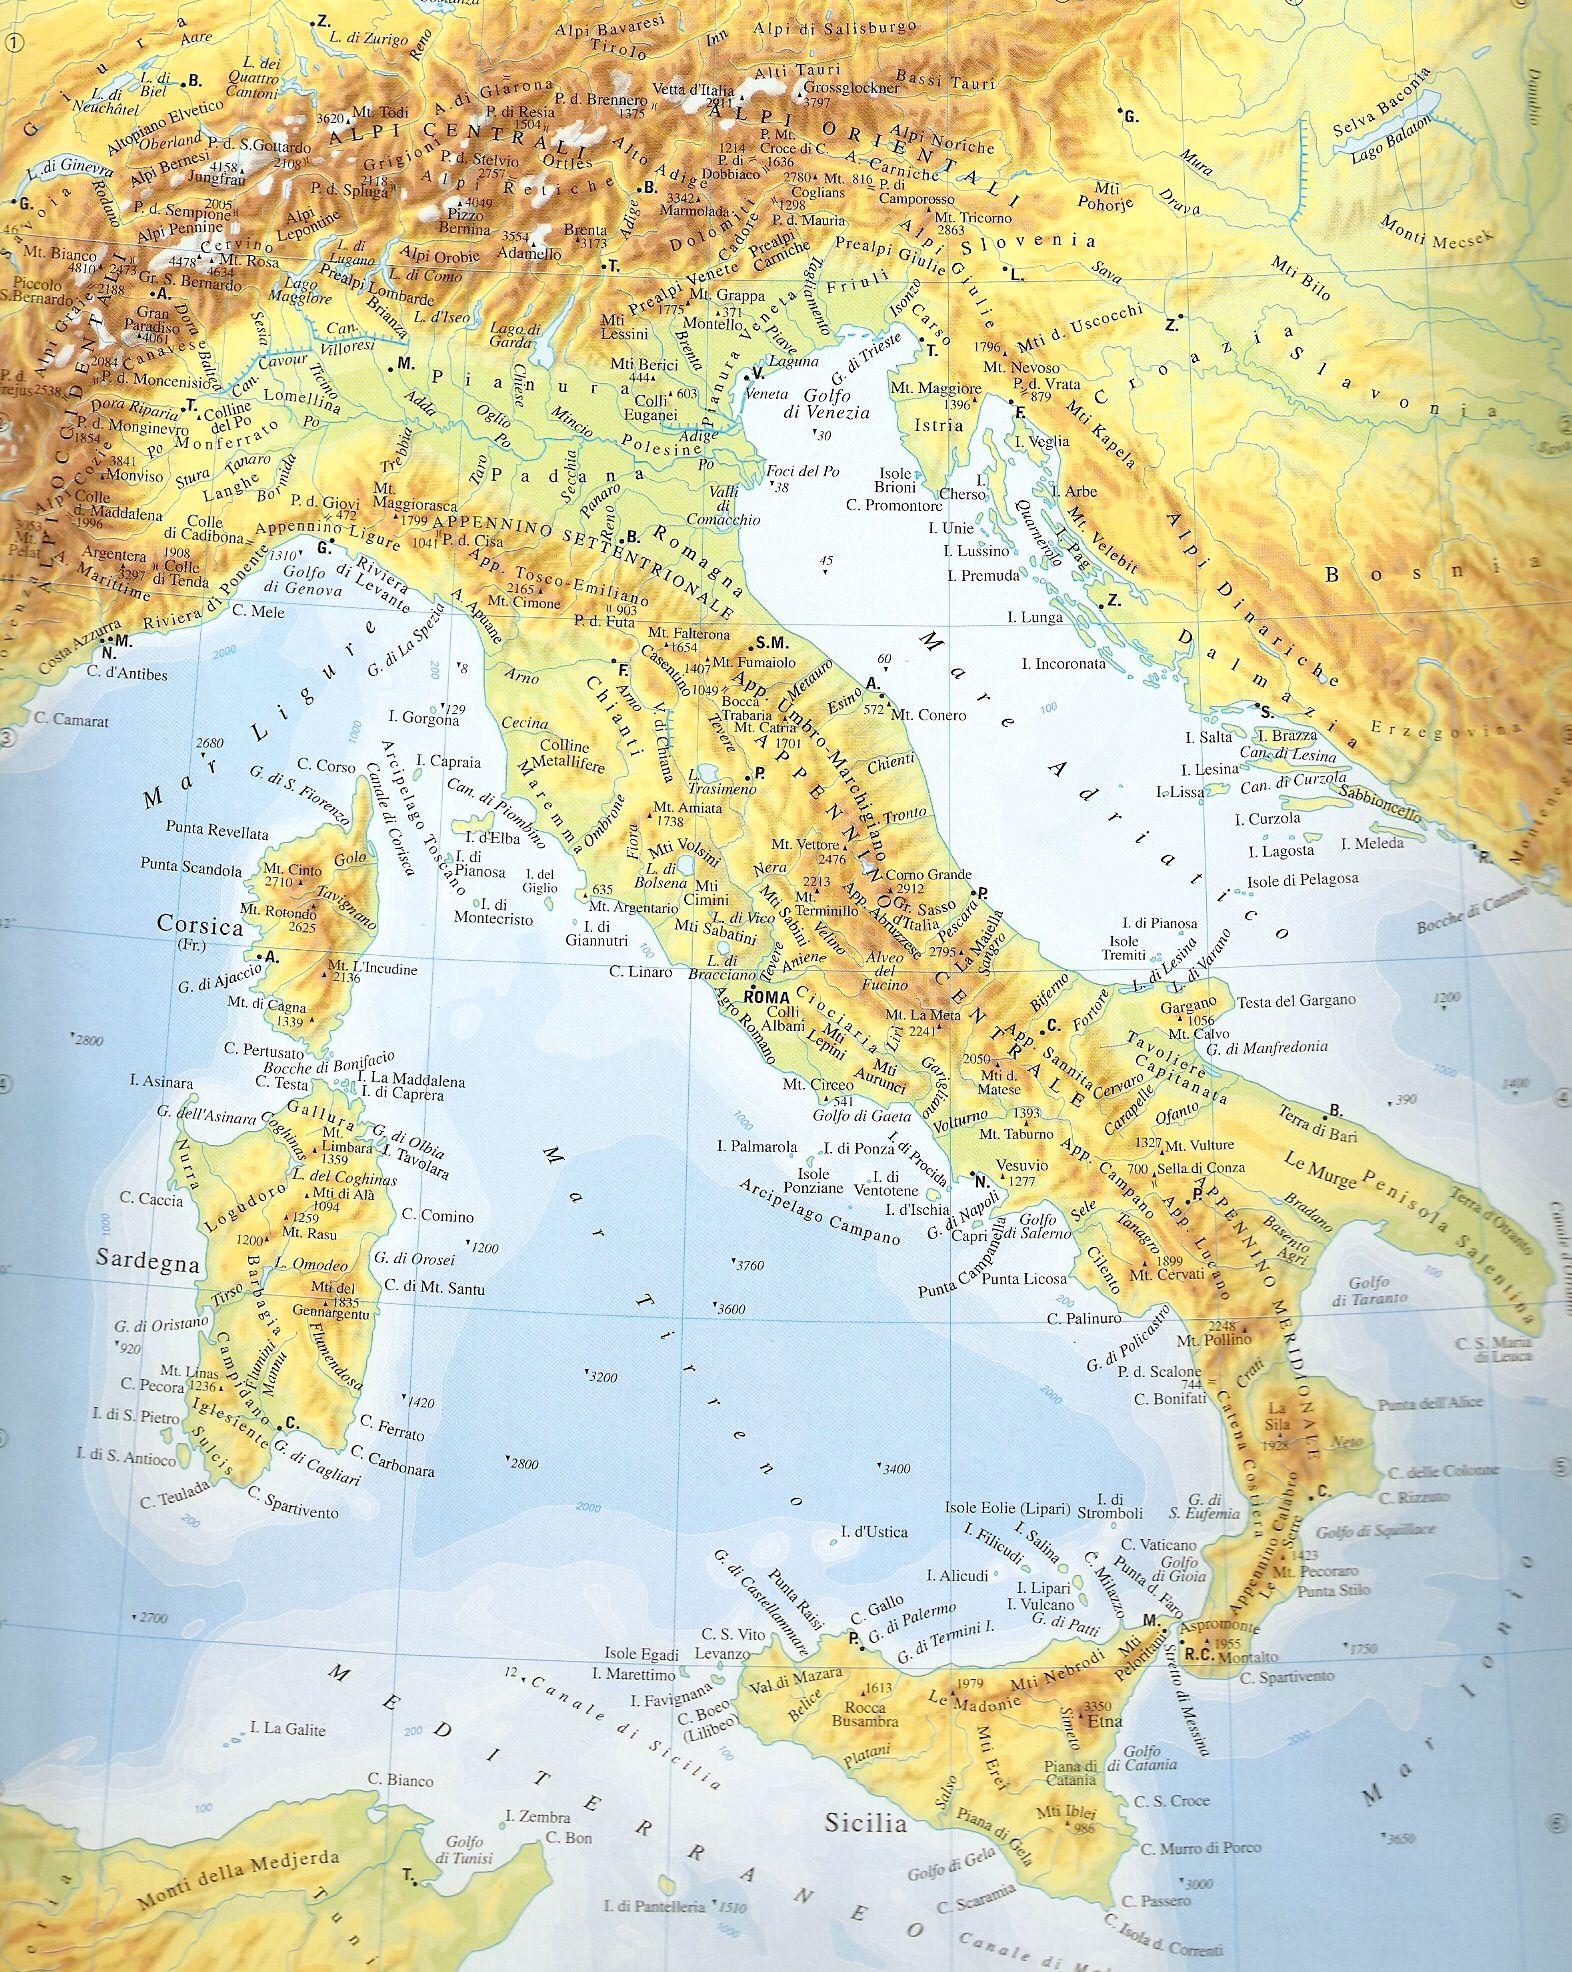 Carte physique de l'Italie